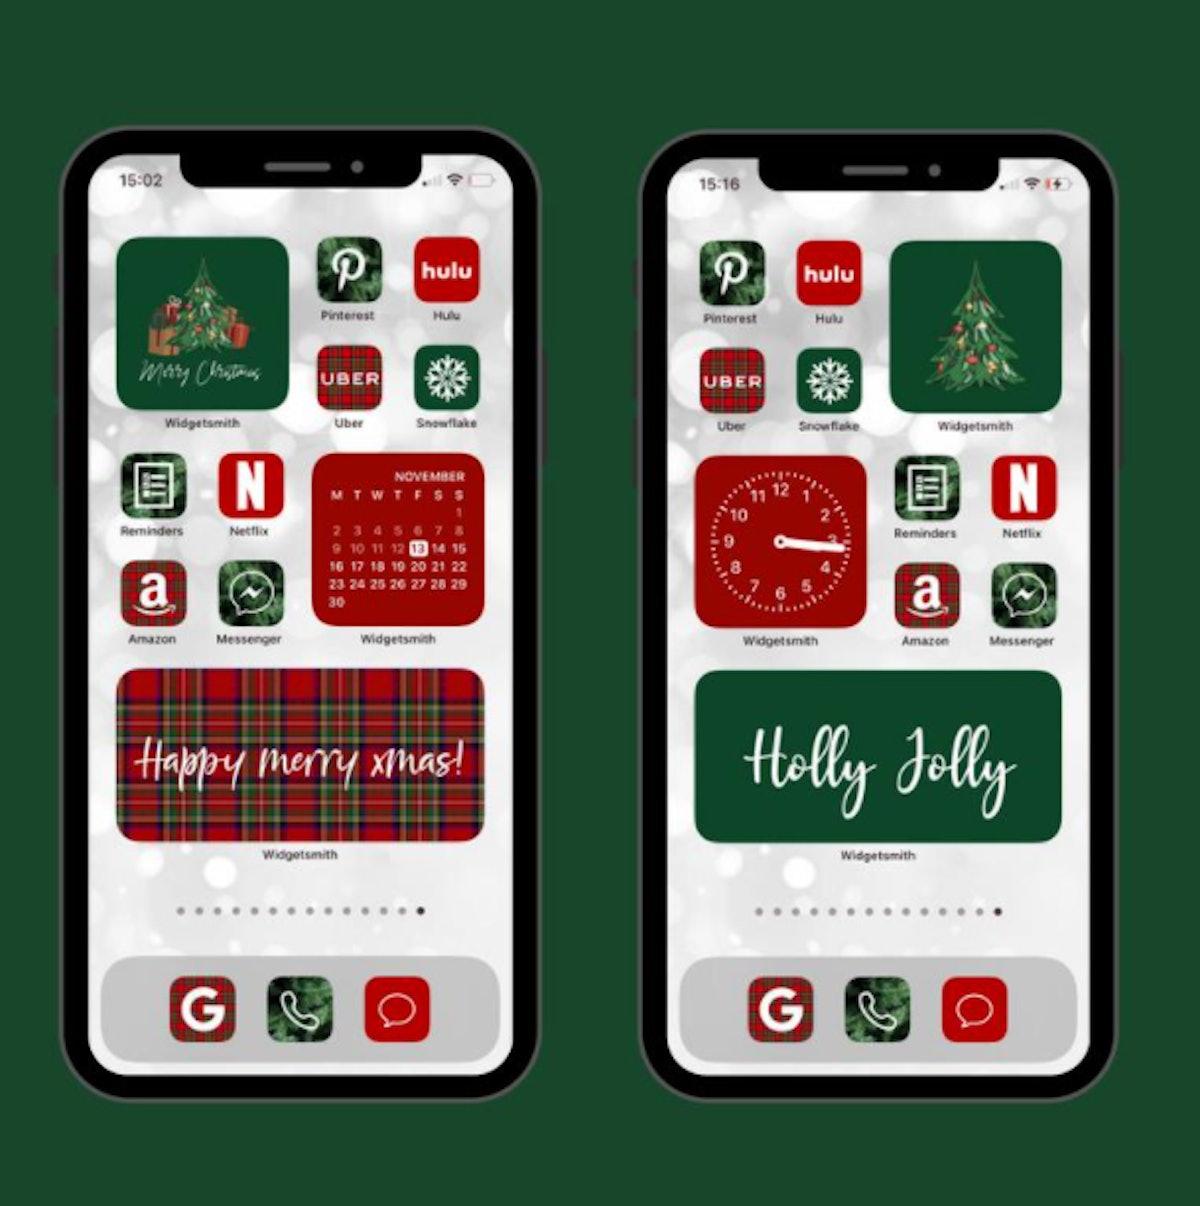 Christmas Eve iOS 14 Home Screen Design Pack